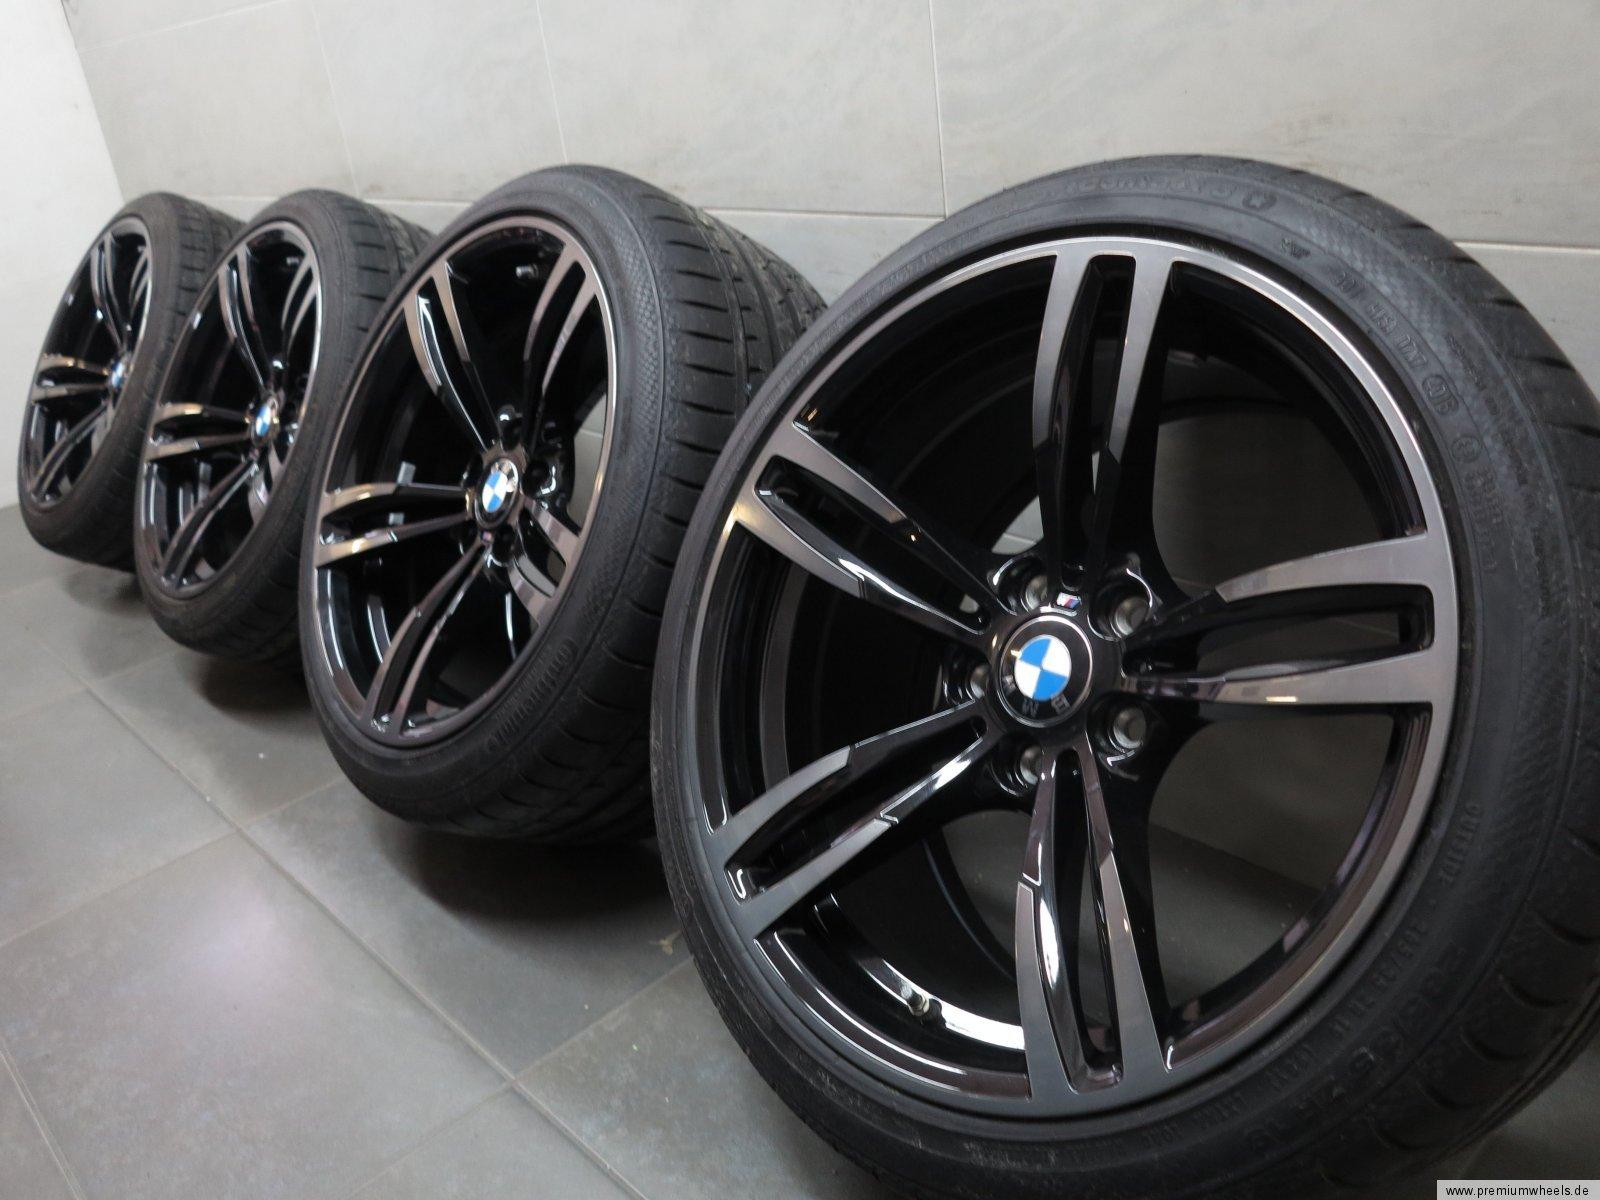 19 Inch Summer Wheels Original Bmw M2 F87 M Rims Gts